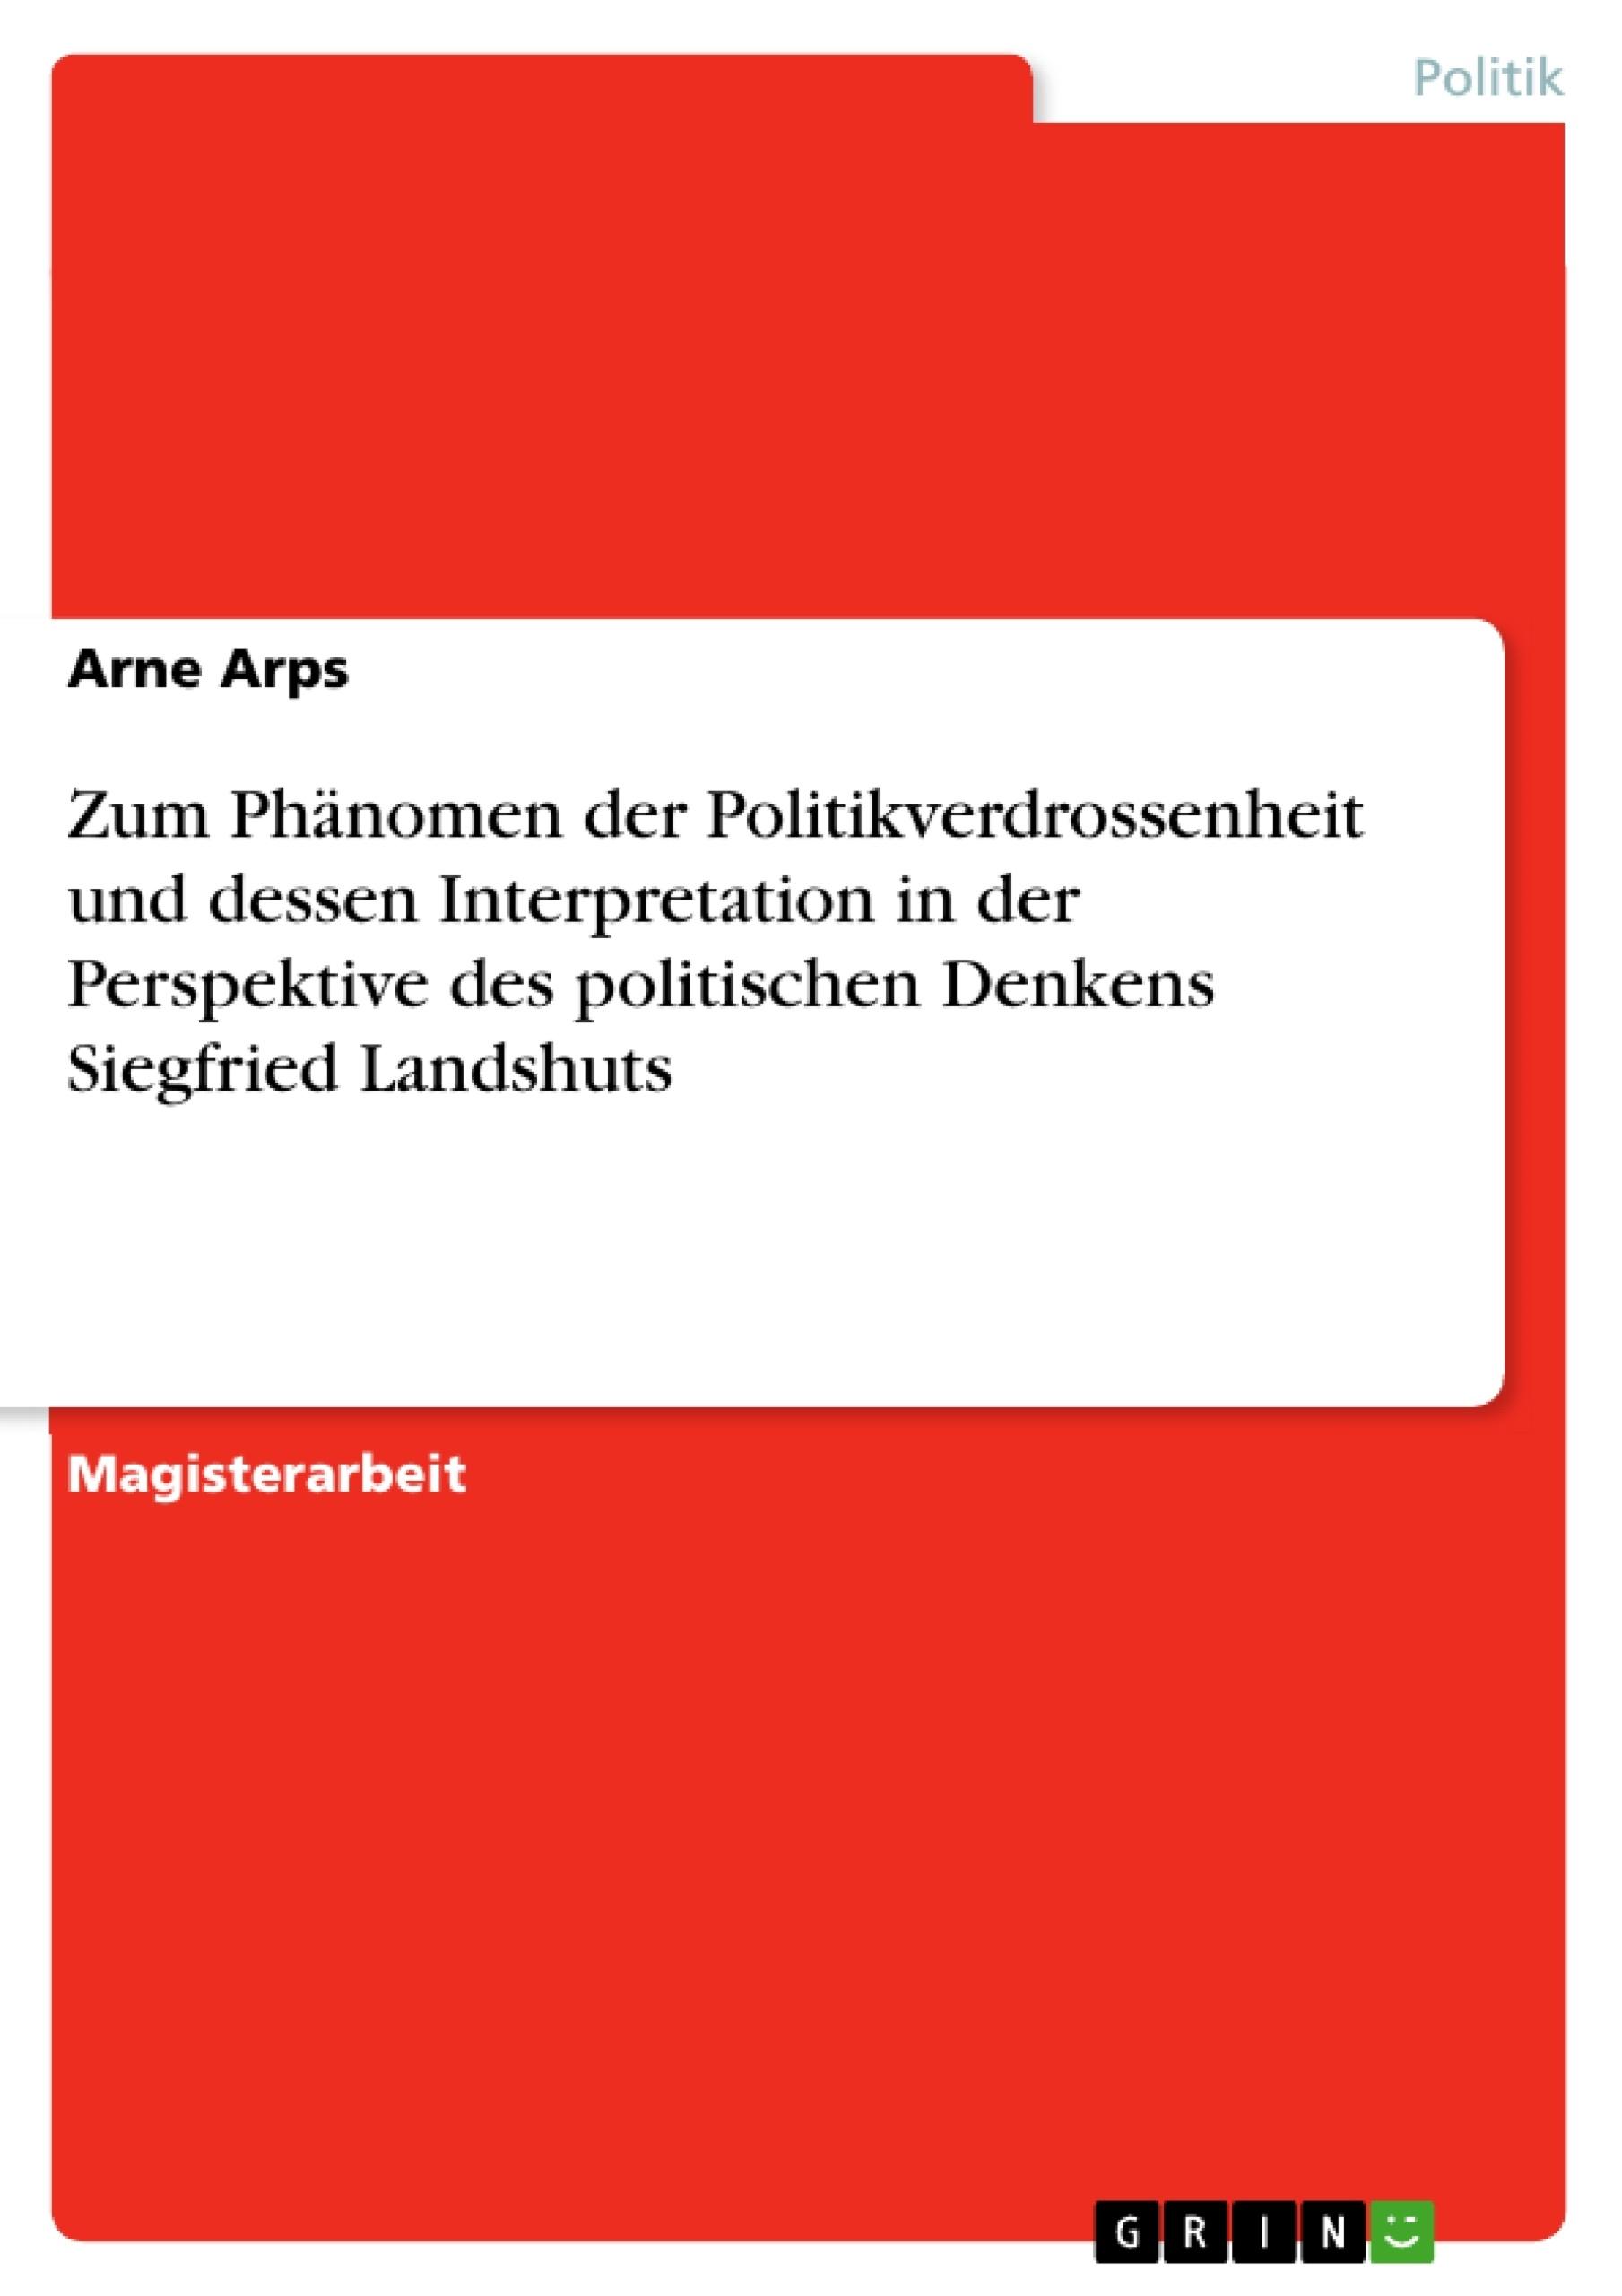 Titel: Zum Phänomen der Politikverdrossenheit  und dessen Interpretation  in der Perspektive des  politischen Denkens  Siegfried Landshuts